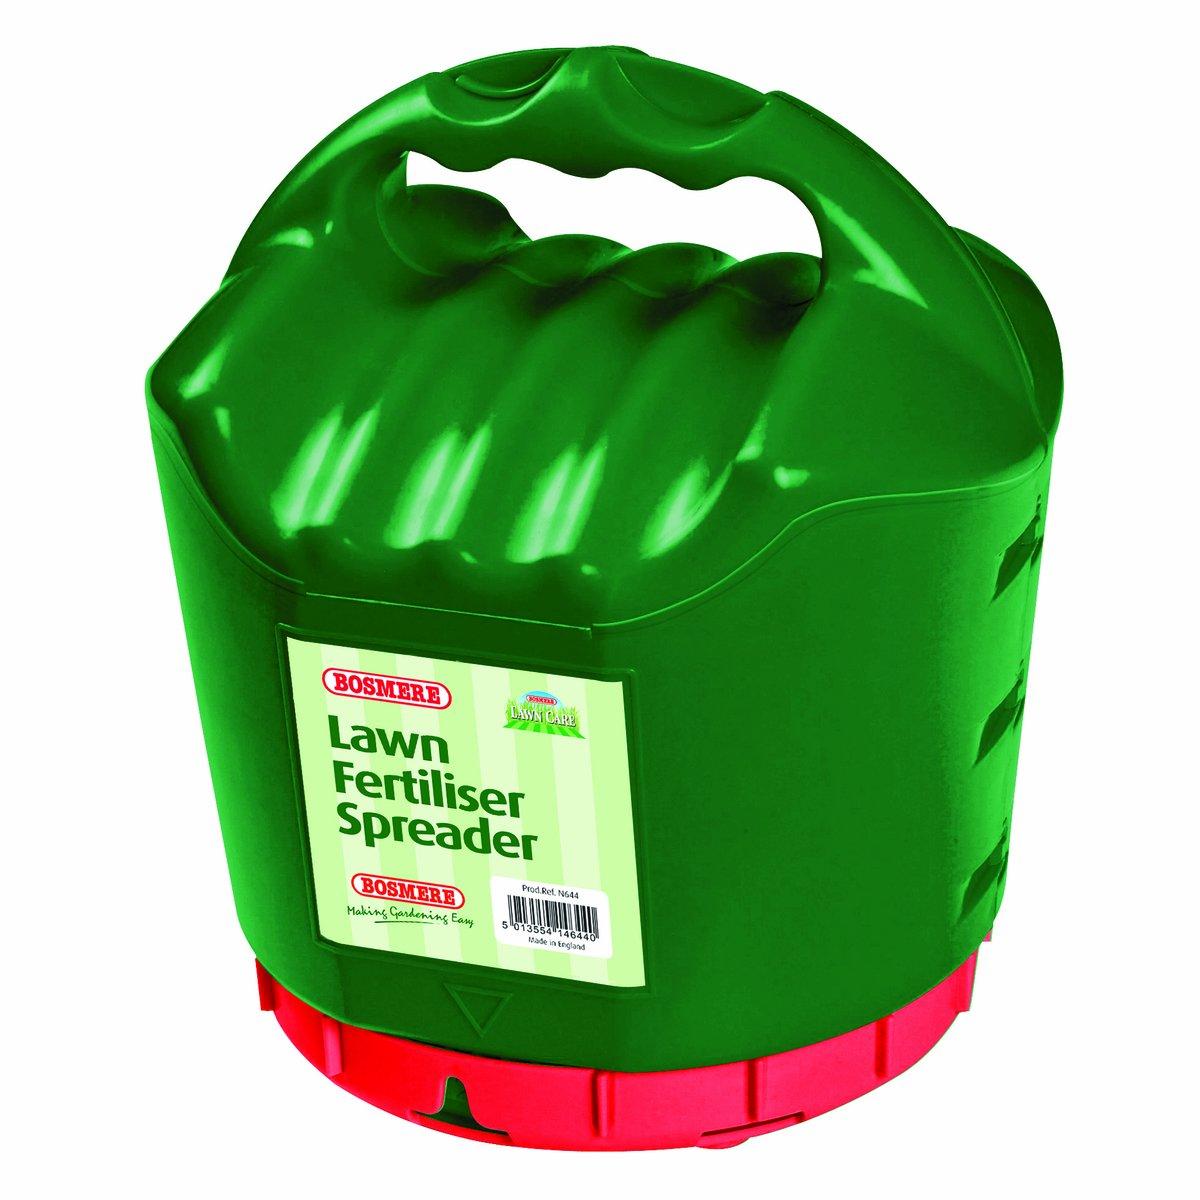 Bosmere N644 Lawn Fertiliser Spreader Bosmere Products Ltd